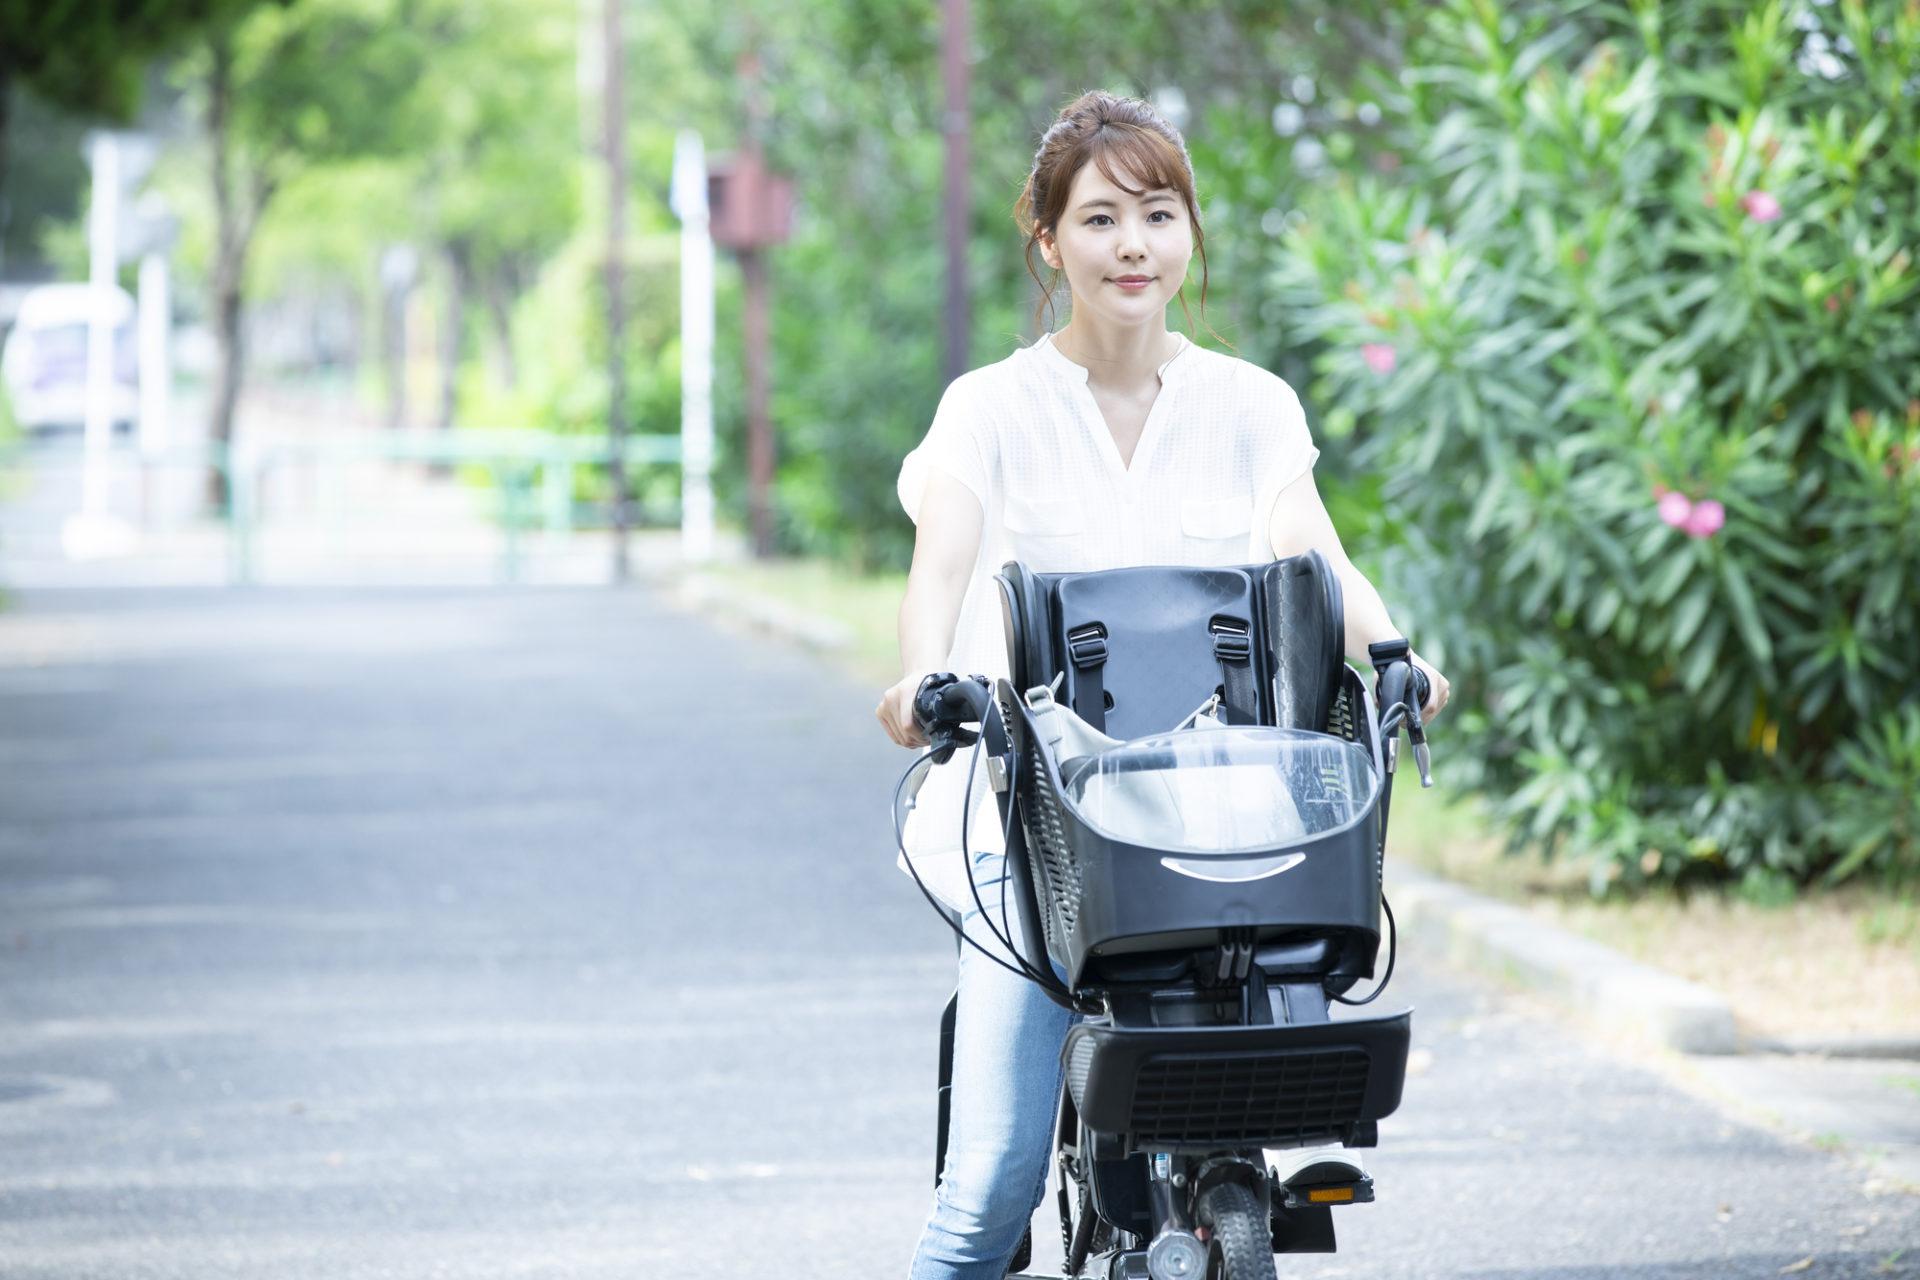 ロードバイク・ブランド自転車